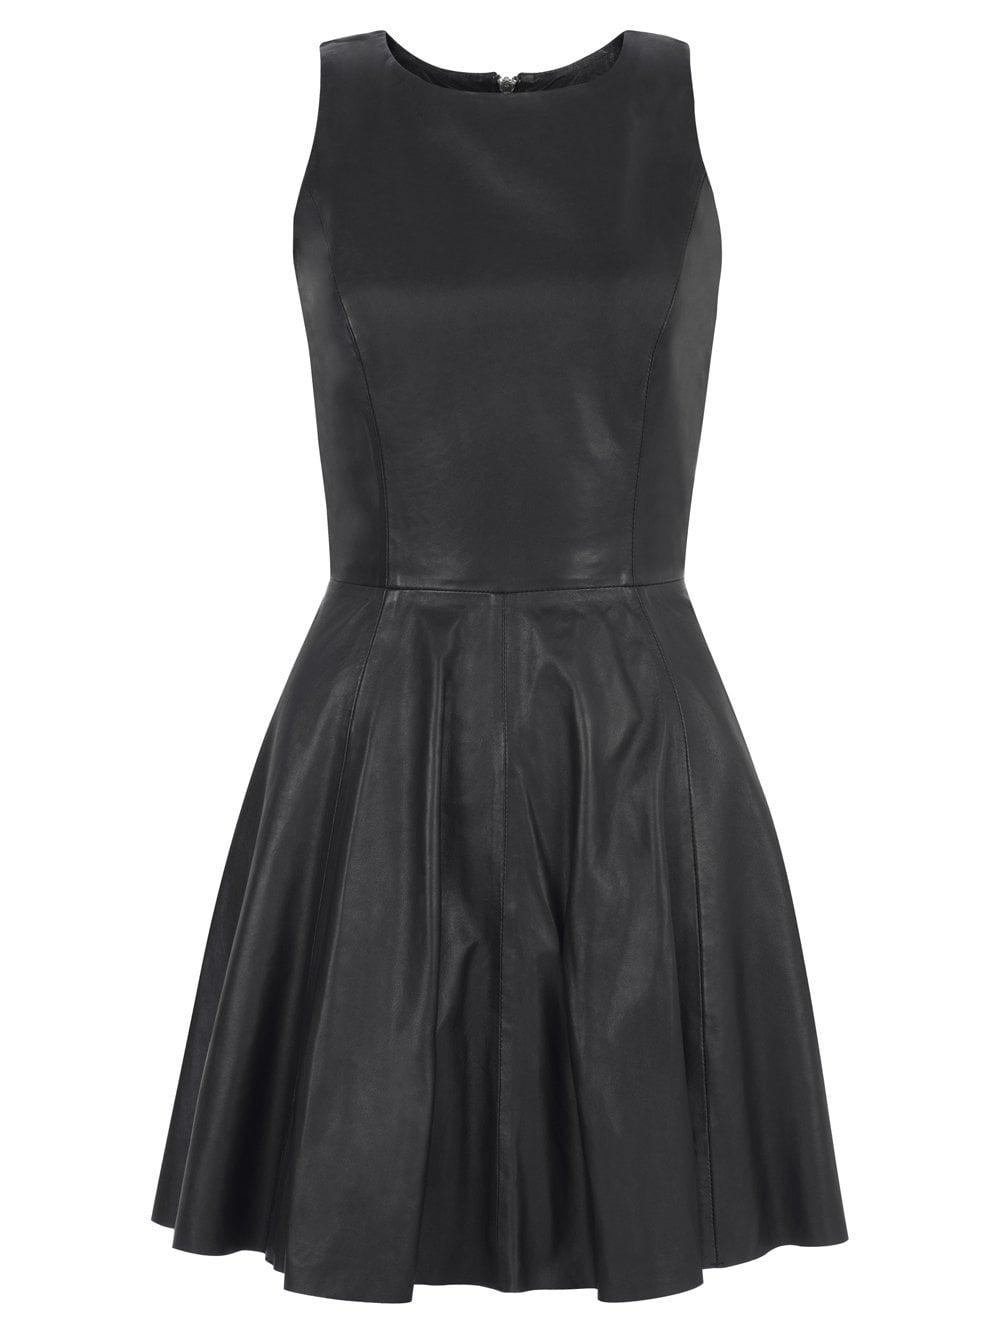 Muubaa Ceylon Leather Skater Dress in Black d3627d8e6